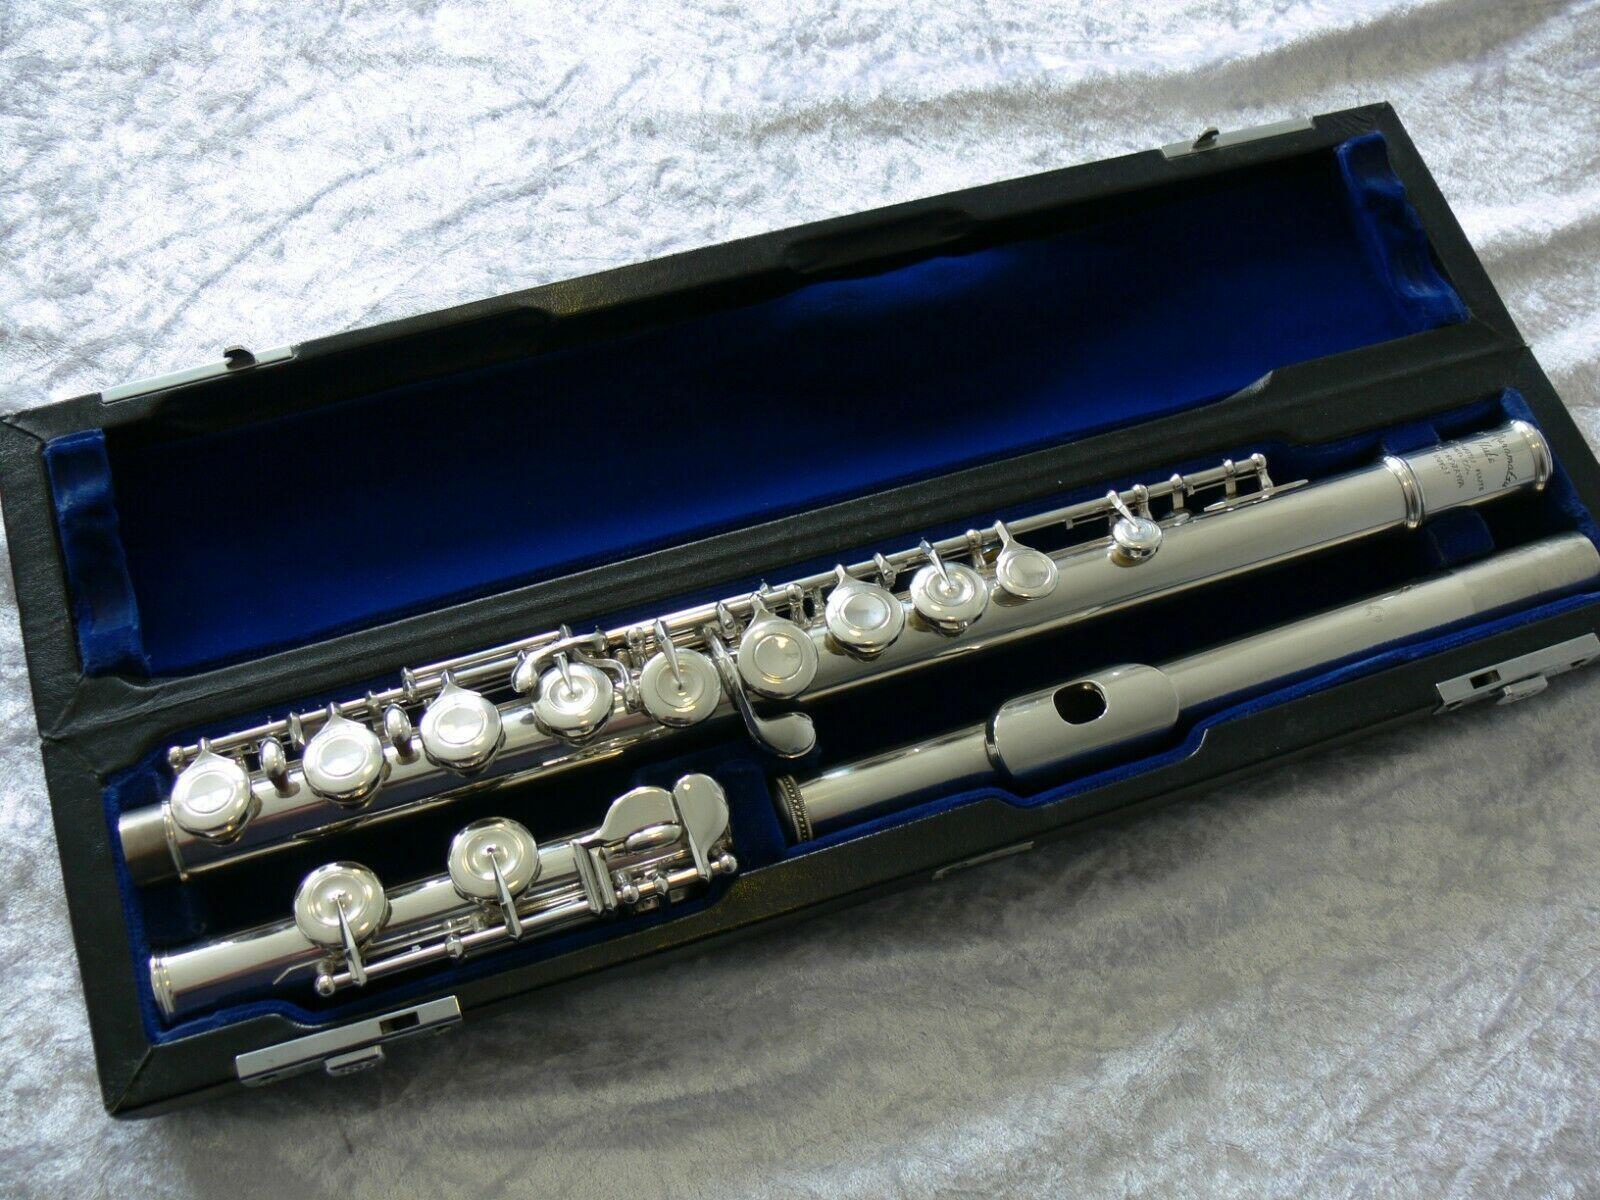 MURAMATSU Fluten EX Modell Klassische Aufführung Musikinstrument Kupfer-Nickel-Silber überzogene Flöte mit Fall